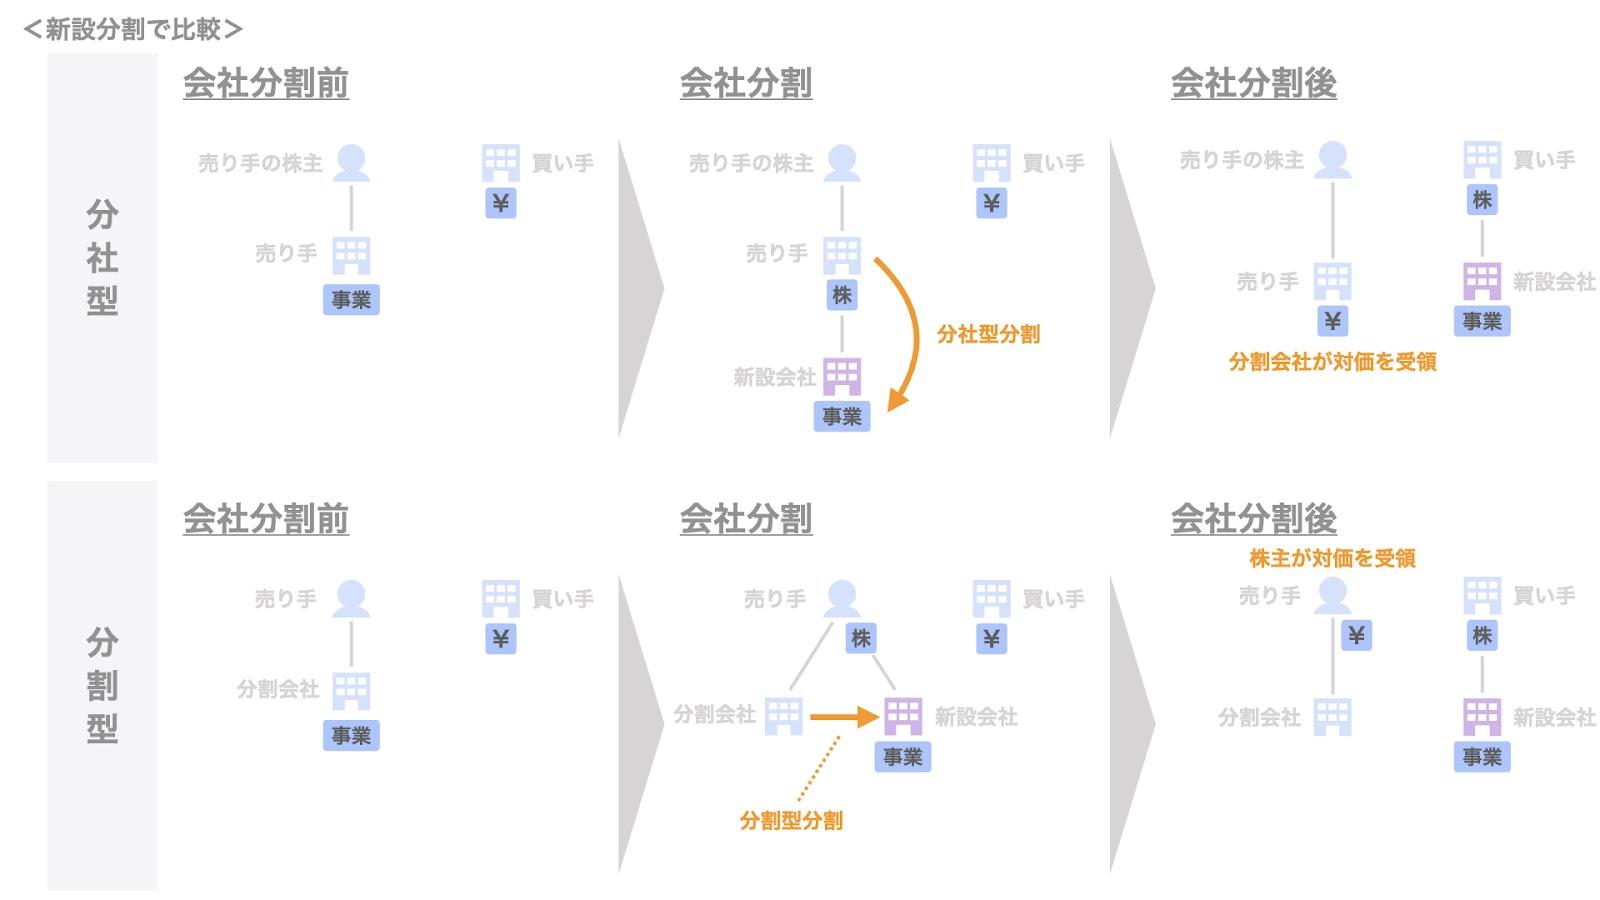 分社型新設分割と分割型新設分割